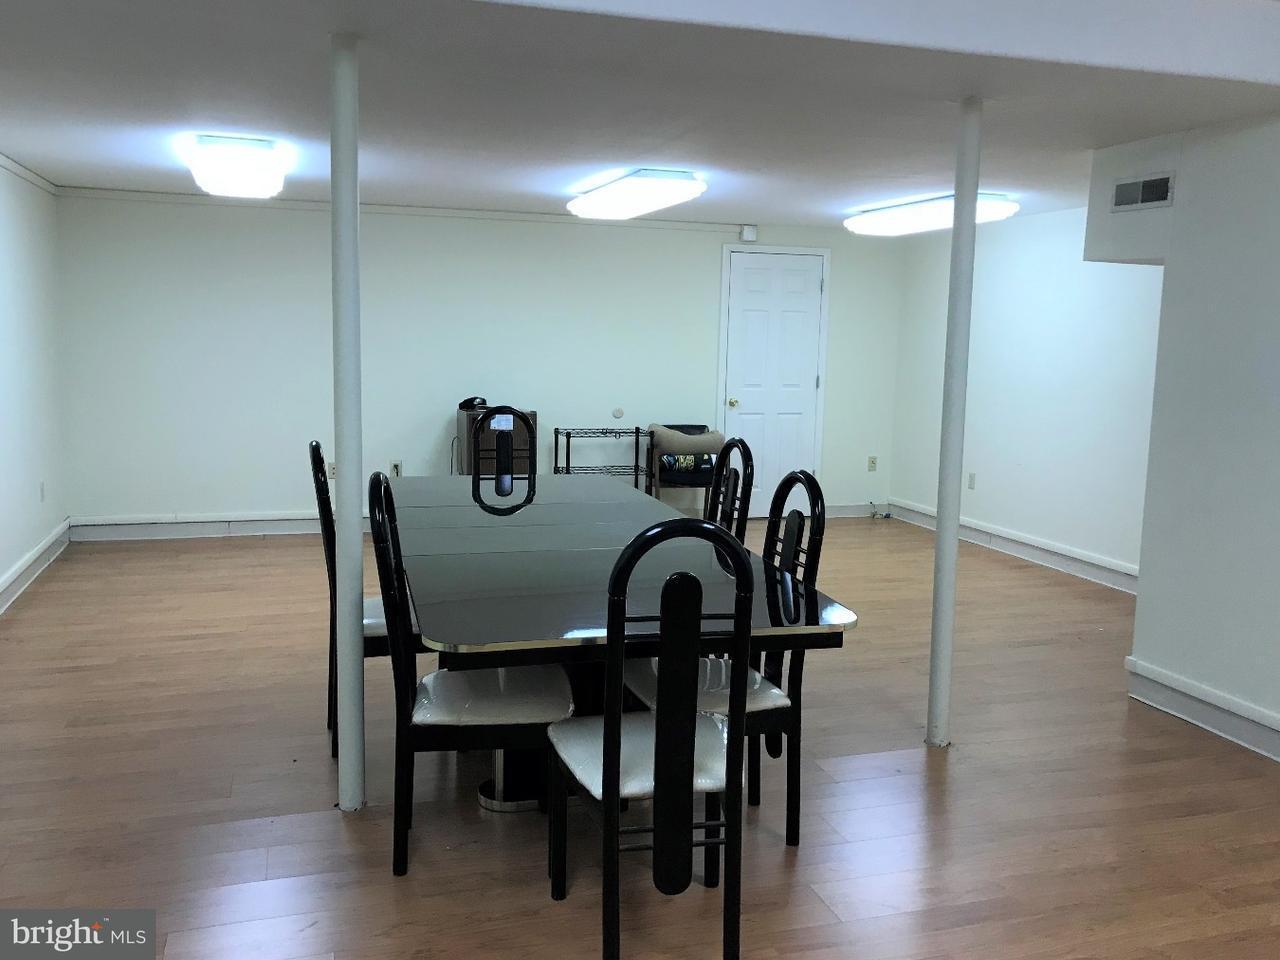 Частный односемейный дом для того Аренда на 1326 CENTRAL AVE #LOWER Glendora, Нью-Джерси 08029 Соединенные Штаты